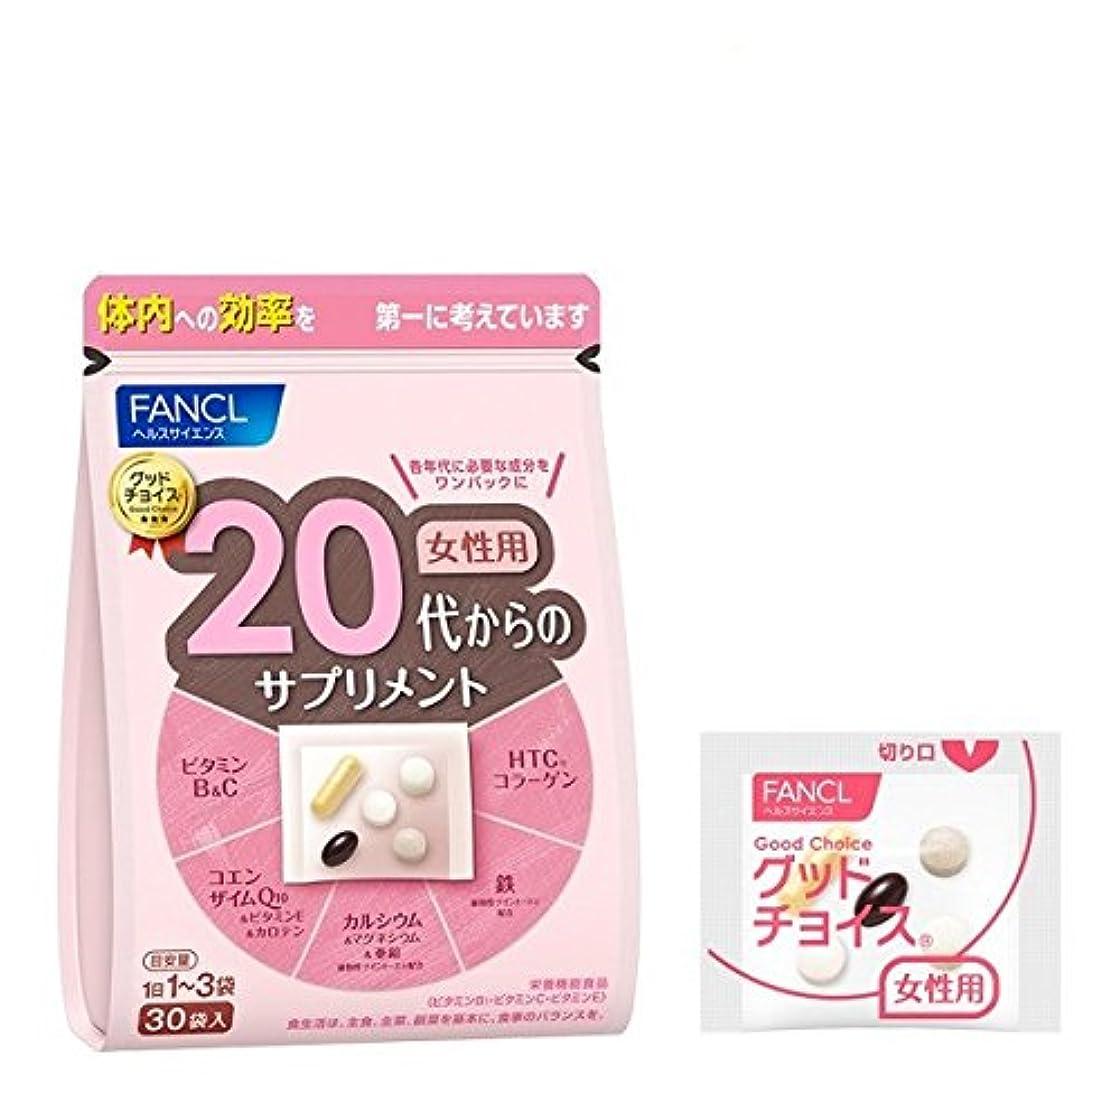 極めて重要なアソシエイト上級ファンケル(FANCL)20代からのサプリメント女性用 10~30日分 30袋(1袋中5粒)